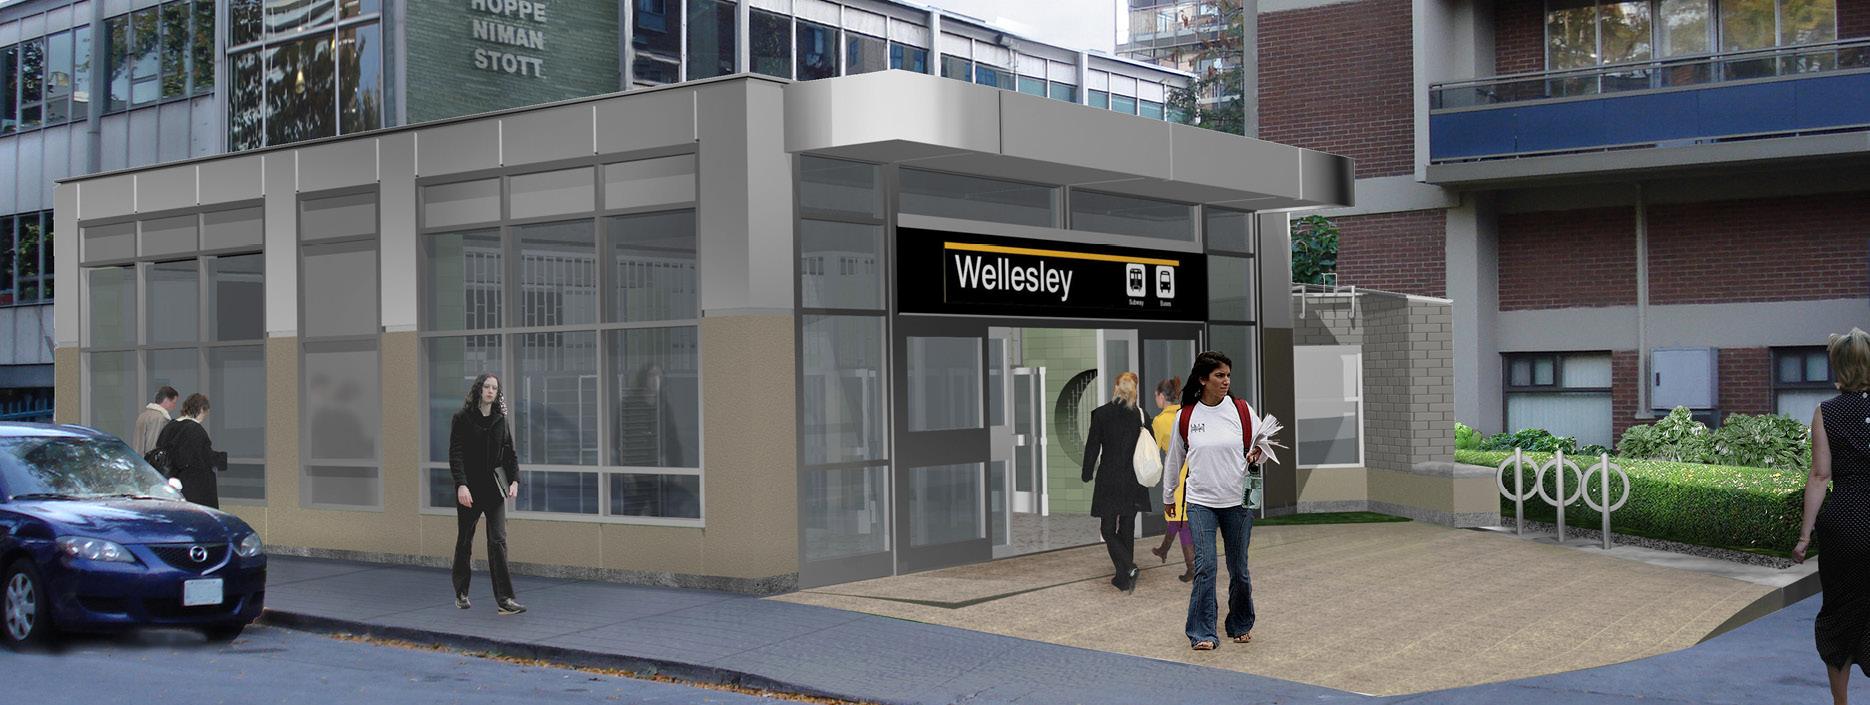 Ttc Wellesley Station Second Exit Program Strasman